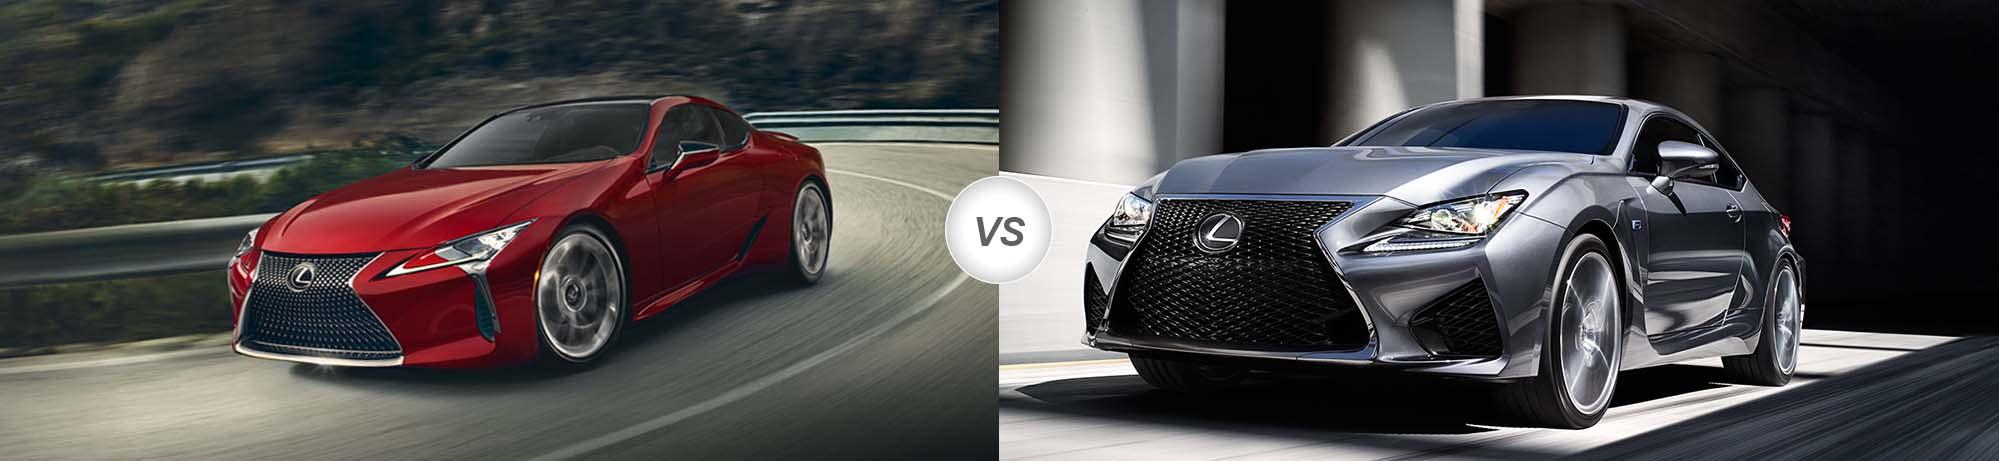 2018 Lexus Lc Vs 2017 Lexus Rc F Compare Specs Pohanka